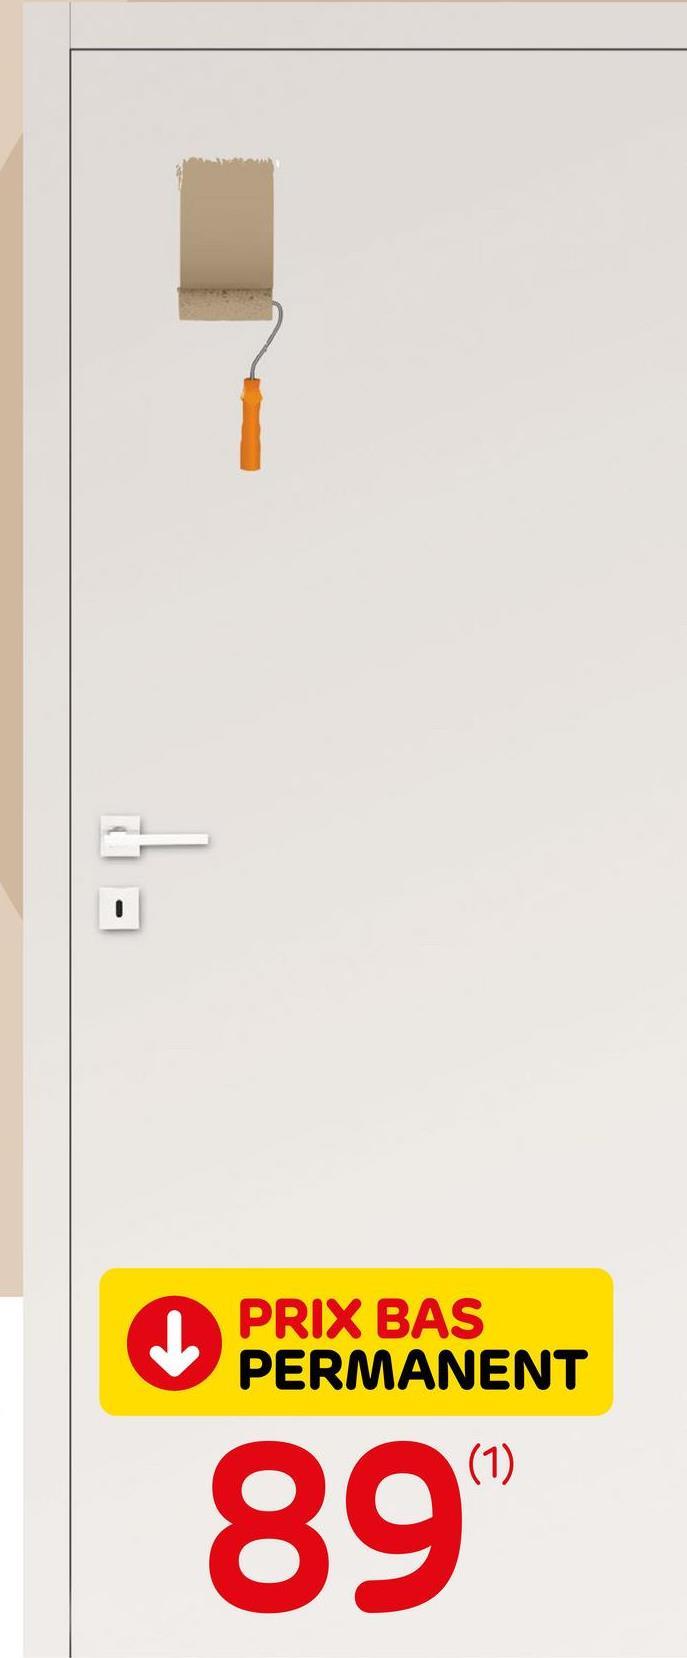 Bloc-porte Thys 'Concept 10' tubulaire à peindre 83cm Le bloc-porte Thys 'Concept 10' à peindre tubulairede 83cm est un modèle prêt-à-poser complet. Il comprend la feuille de porte, l'ébrasement de 16,9cm de large, les chambranles et les listels. Ce bloc-porte est prépeint et doit être traité avec une laque couvrante. La serrure Litto et les charnières à billes sont comprises. La poignée est vendue séparément.